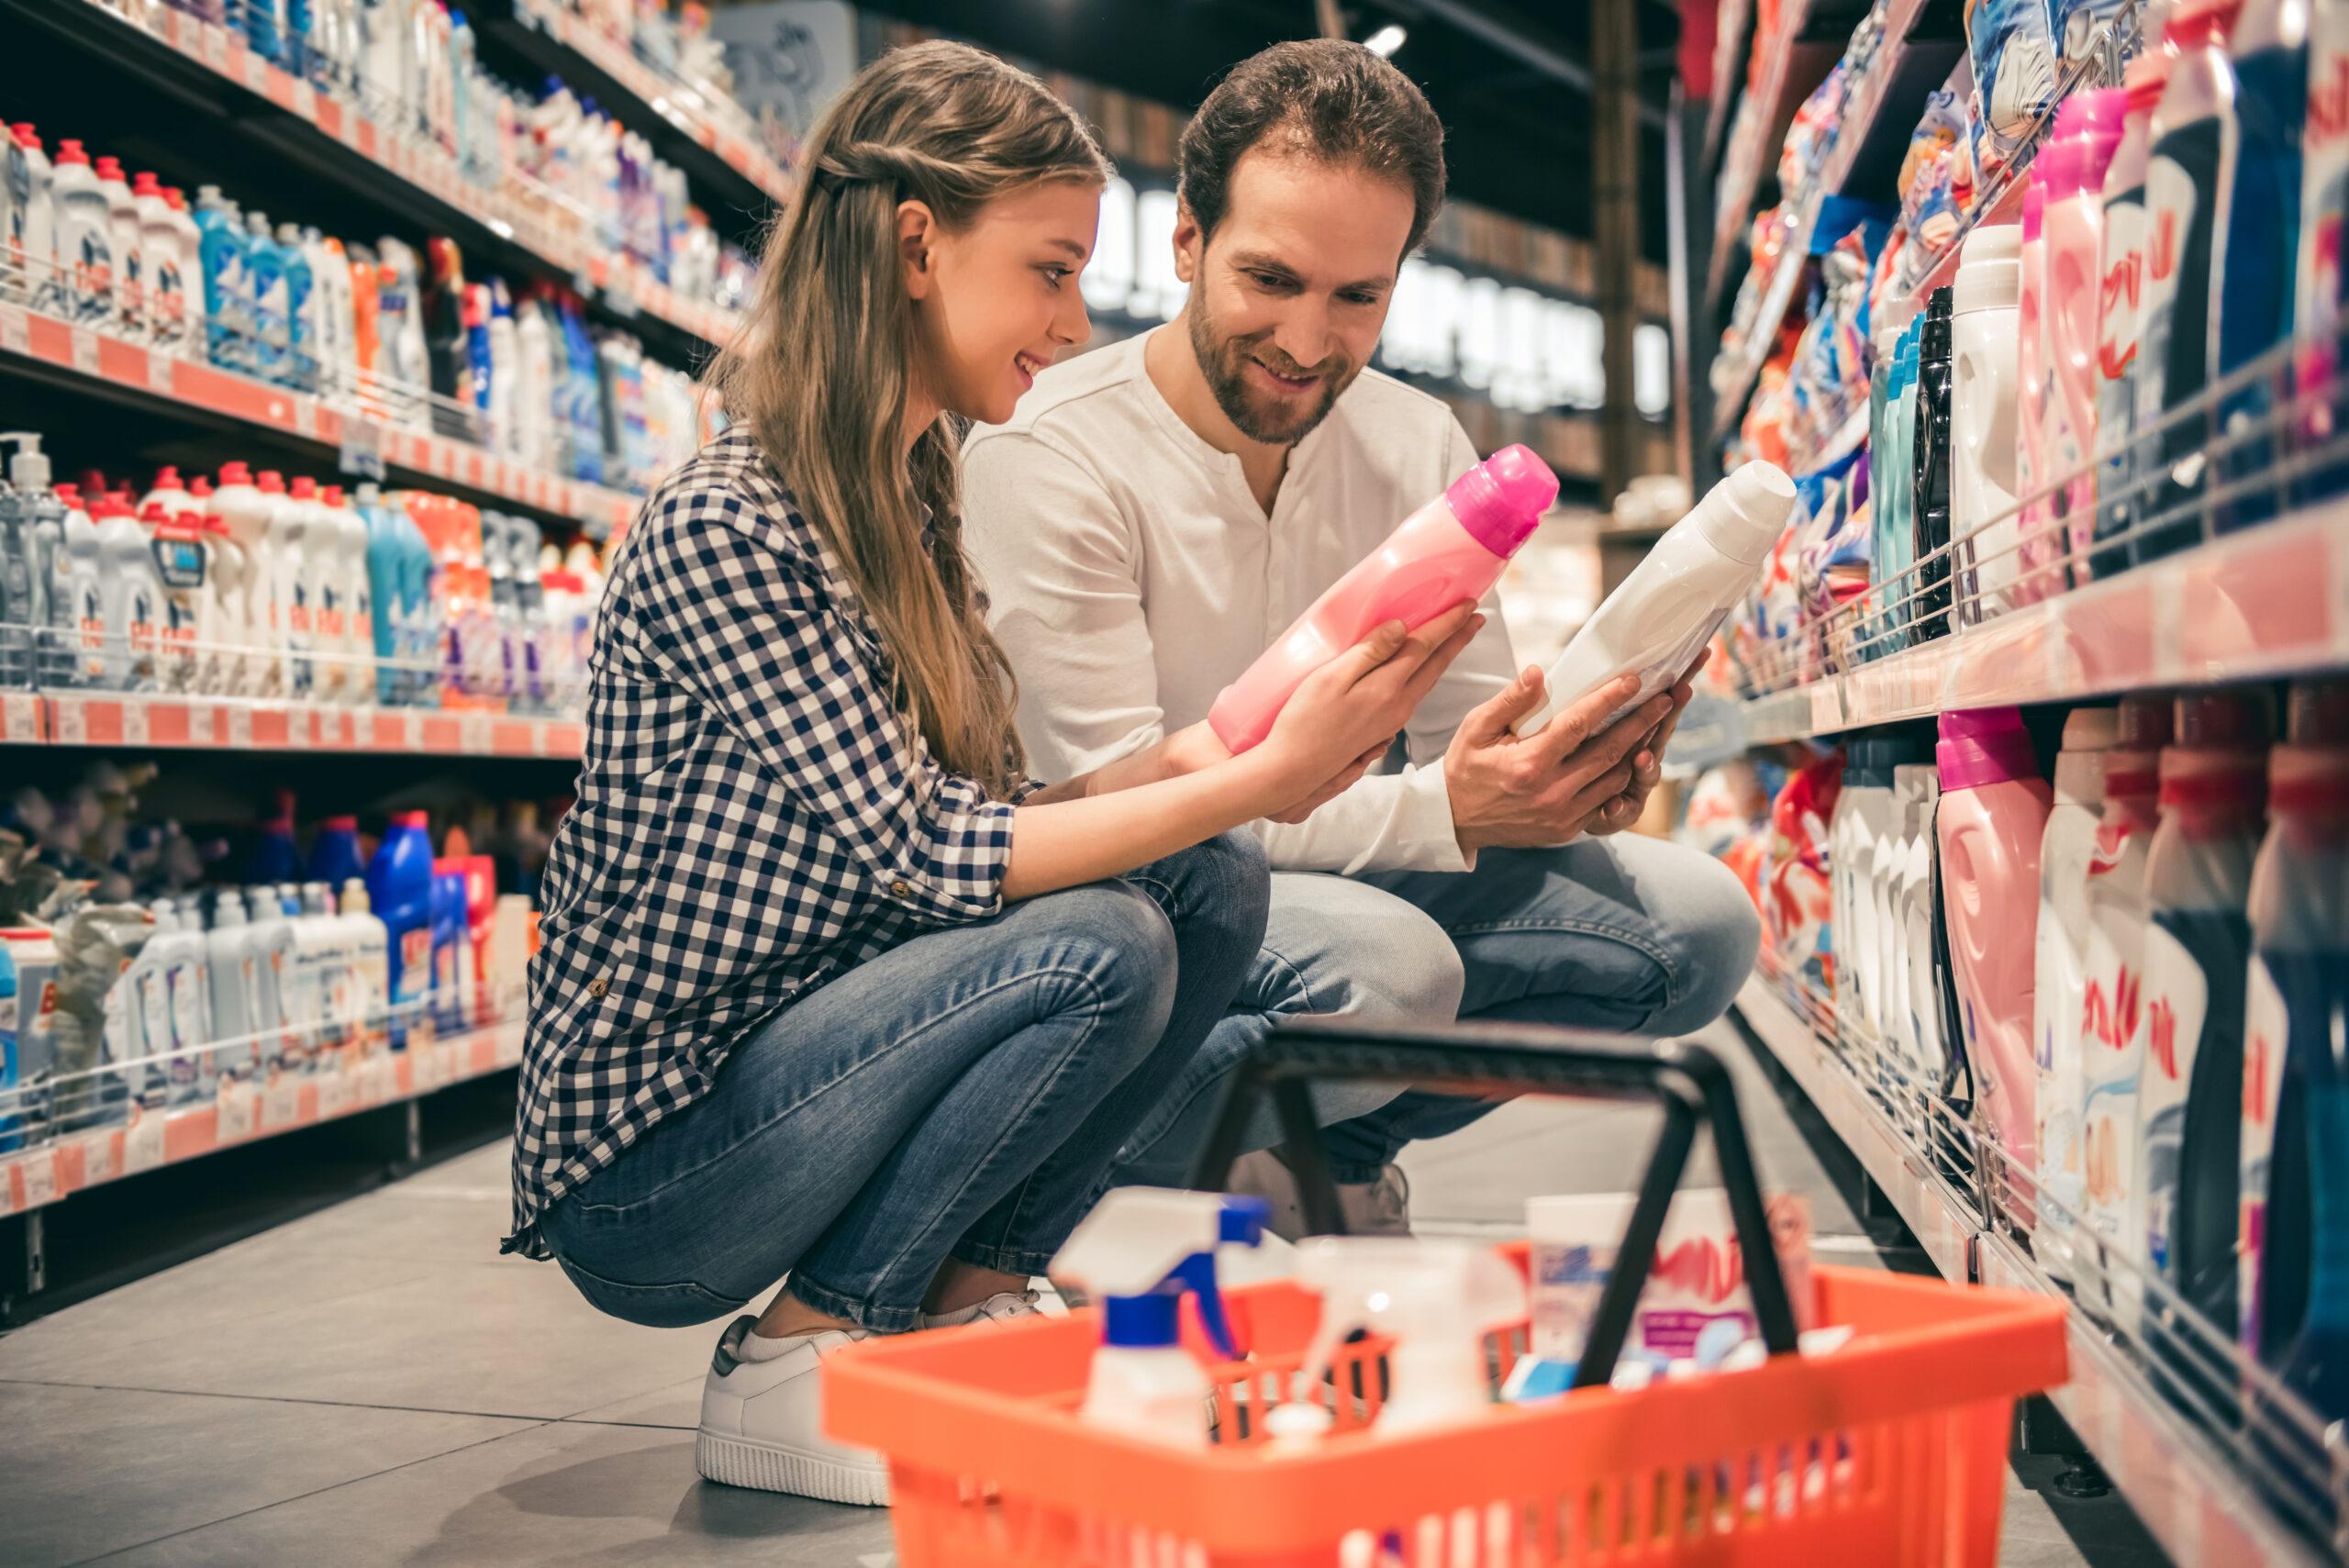 Eine Frau und ein Mann im Supermarkt. Sie halten jeweils eine Flasch Waschmittel aus Plastik in den Händen.